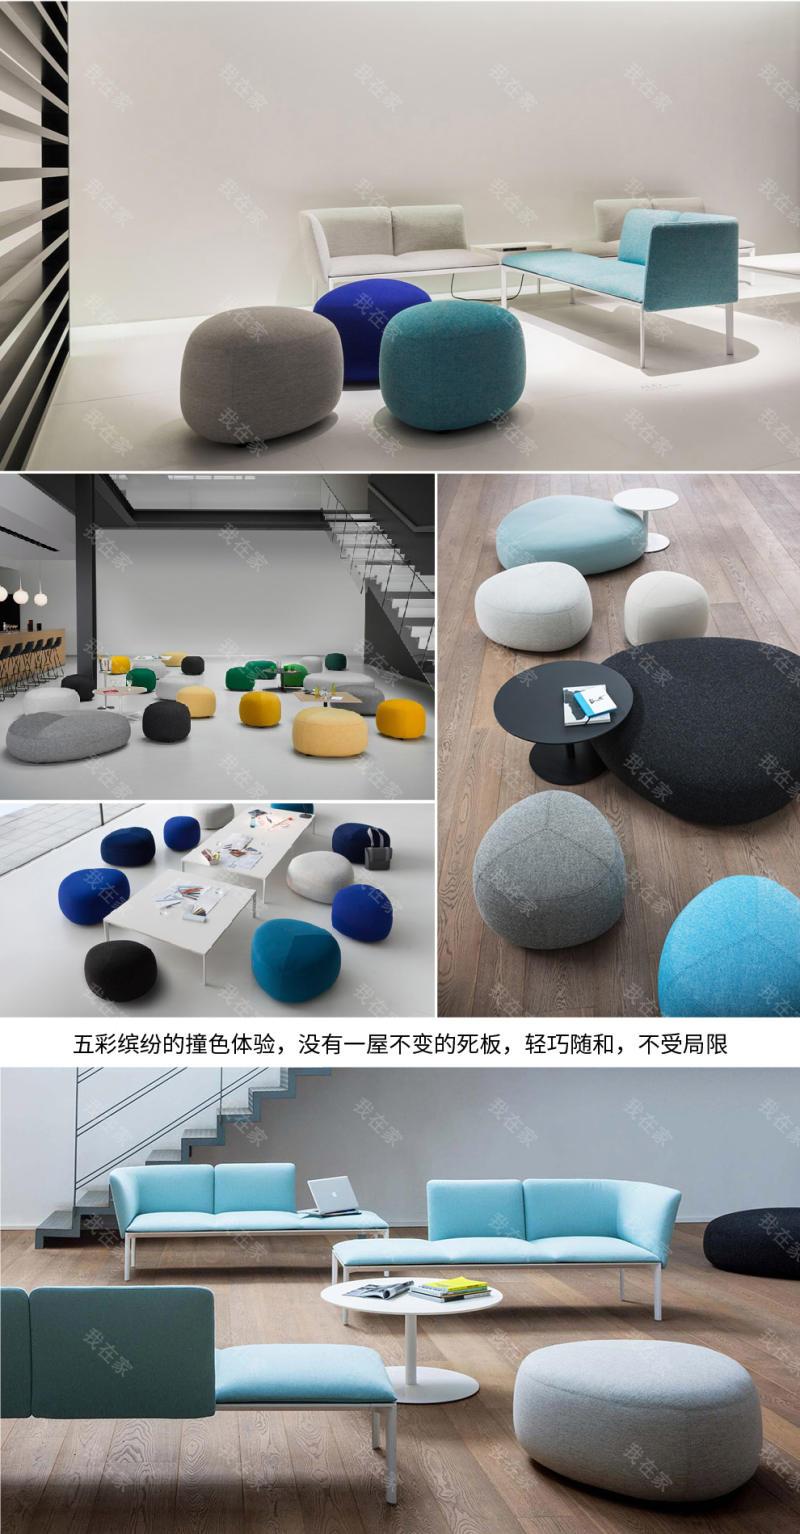 色彩北欧风格鹅卵石凳的家具详细介绍